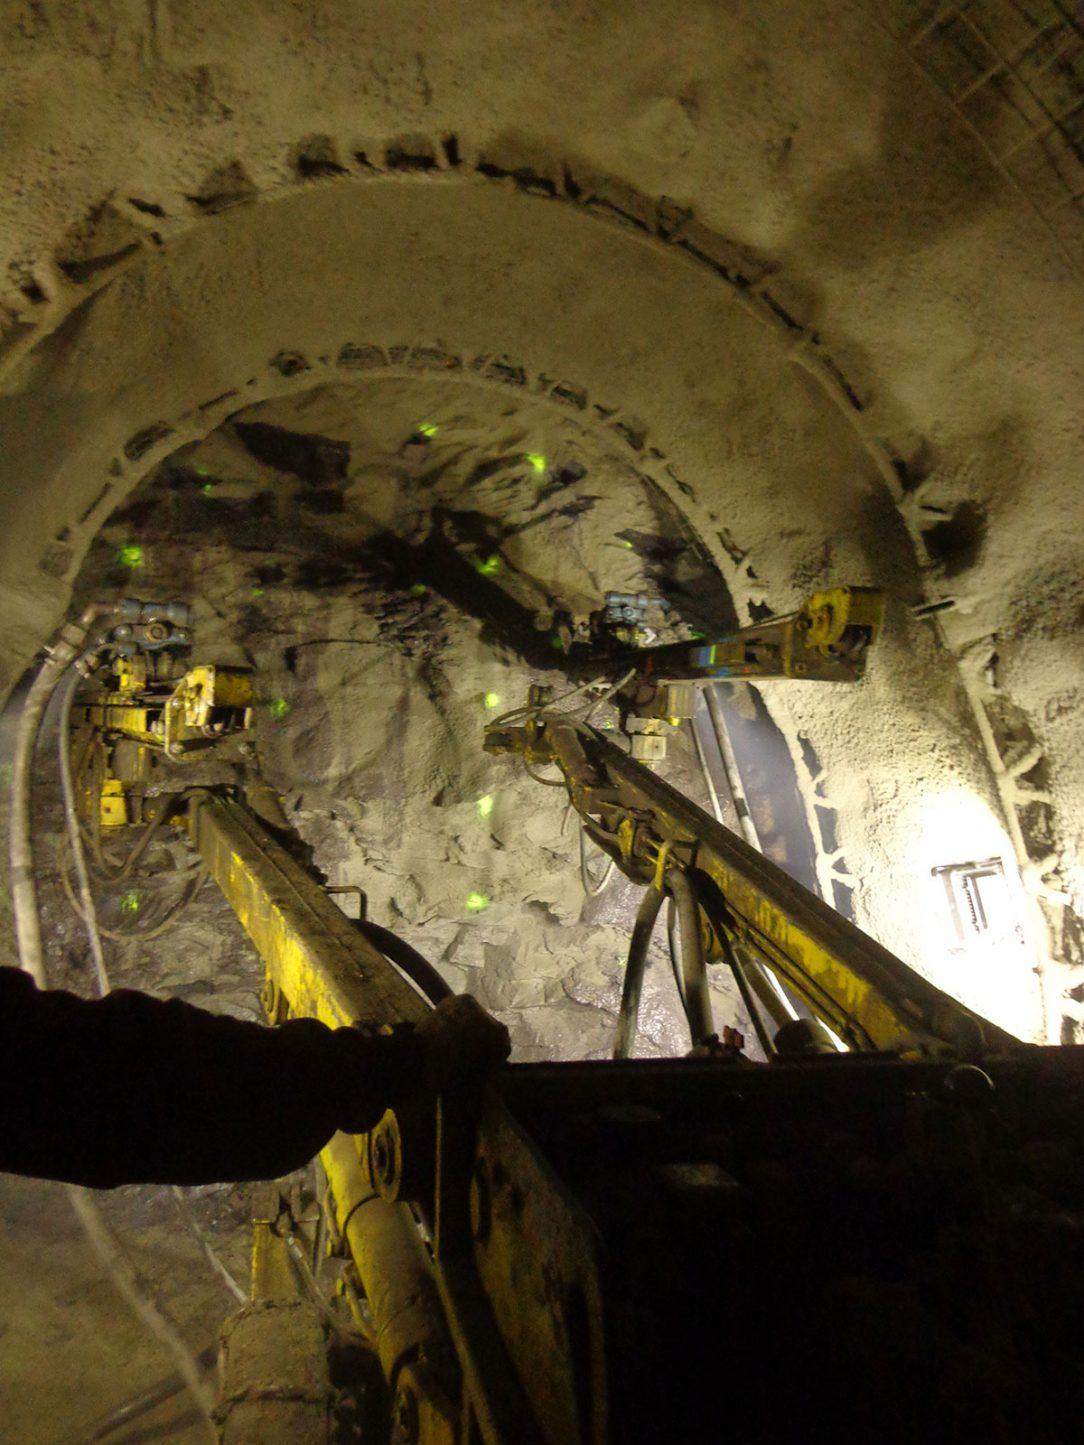 03 Kabelový tunel Karlín J34 J101 navrtání čelby dle vrtného schématu